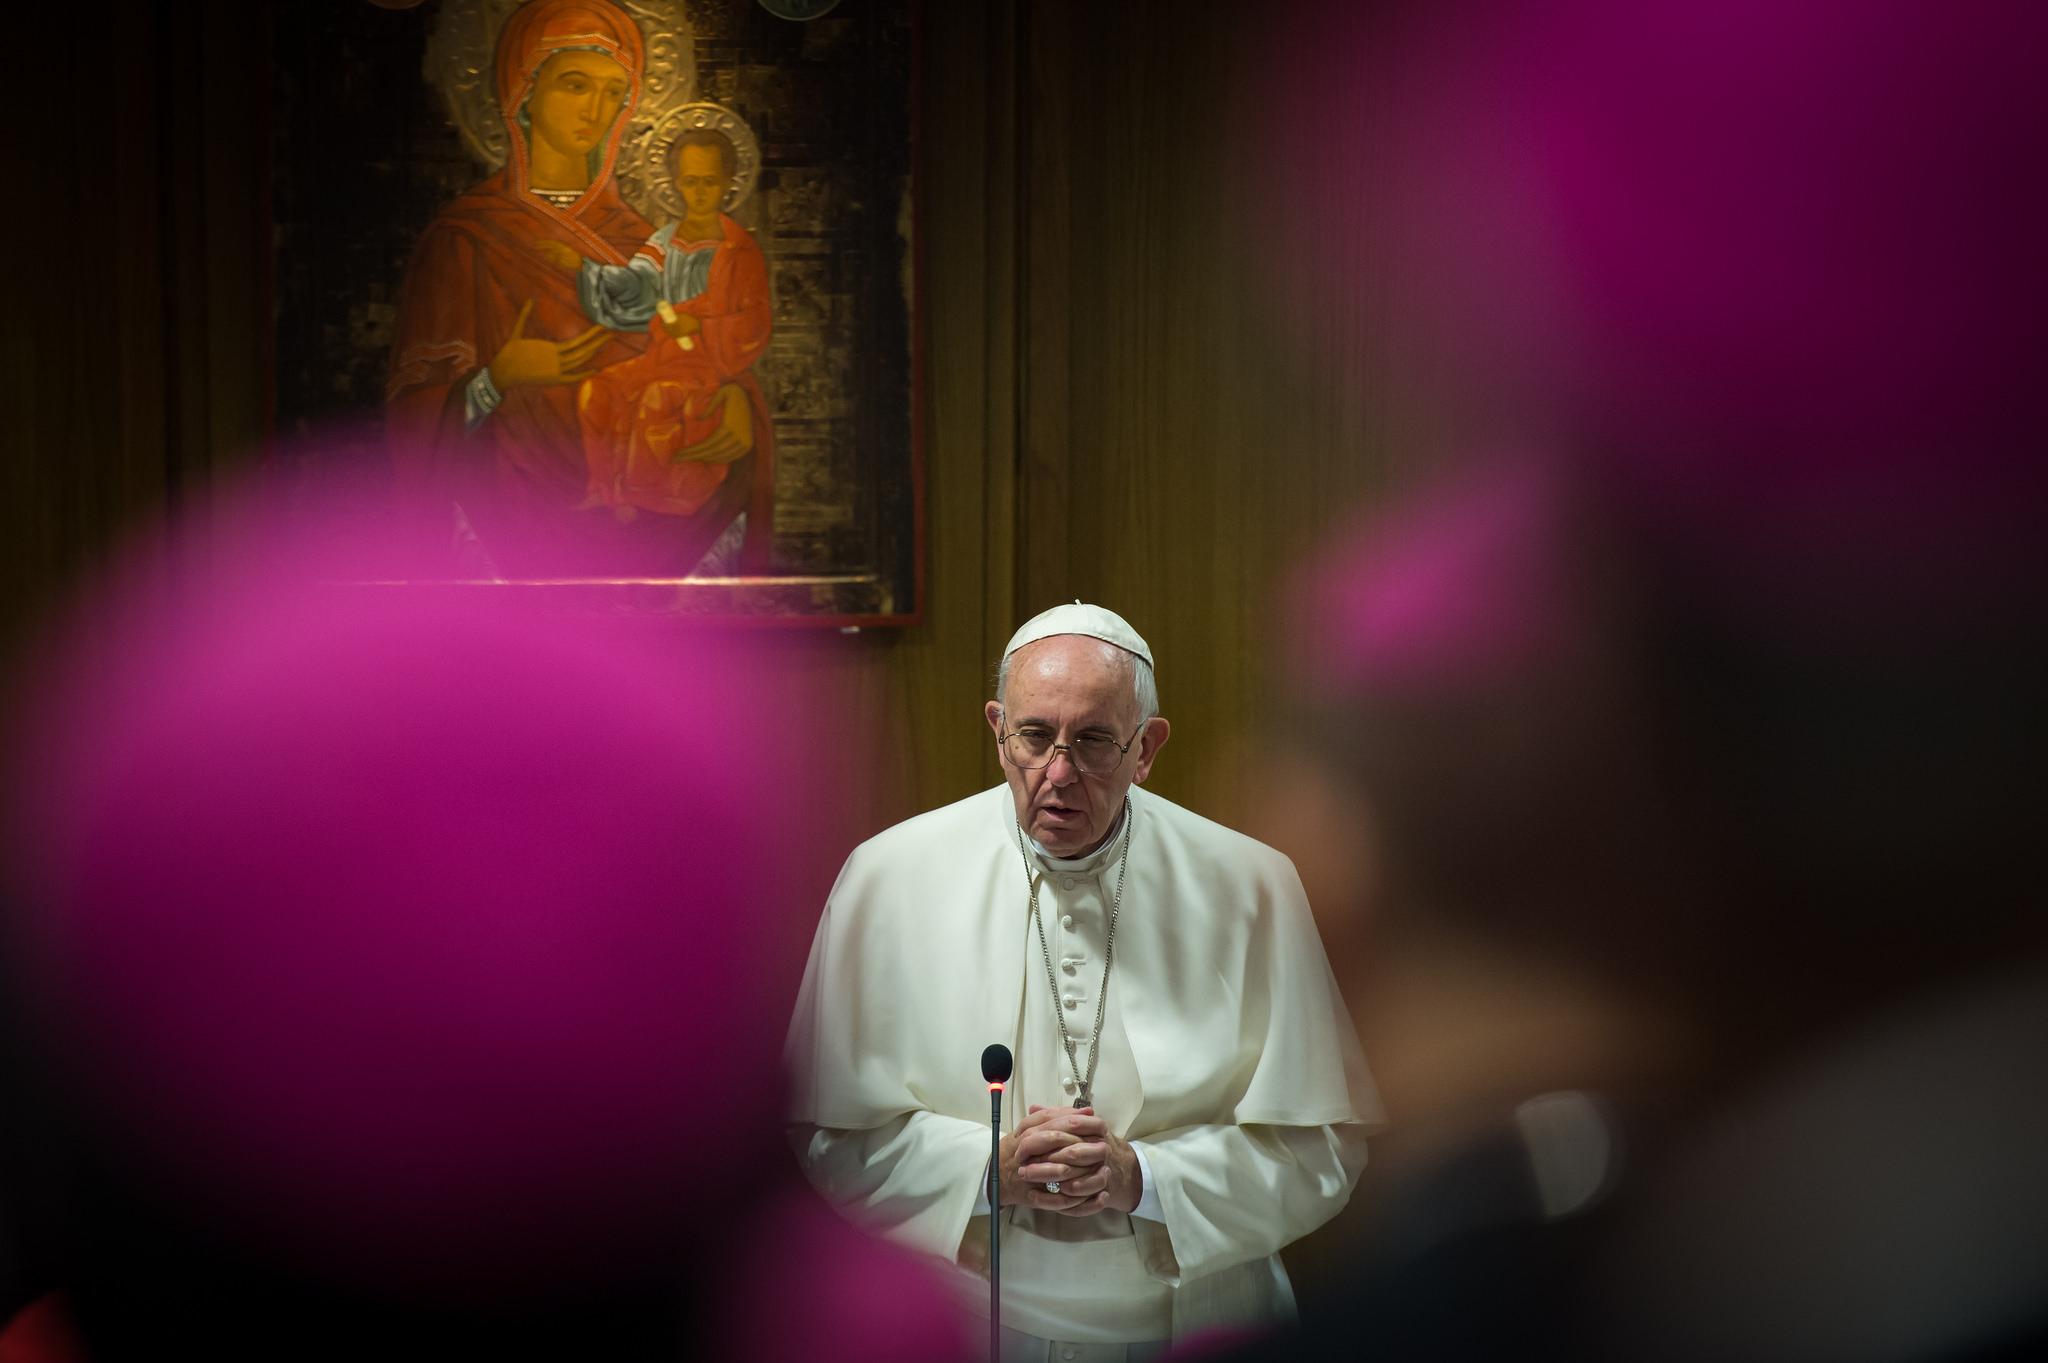 Le pape François en prière